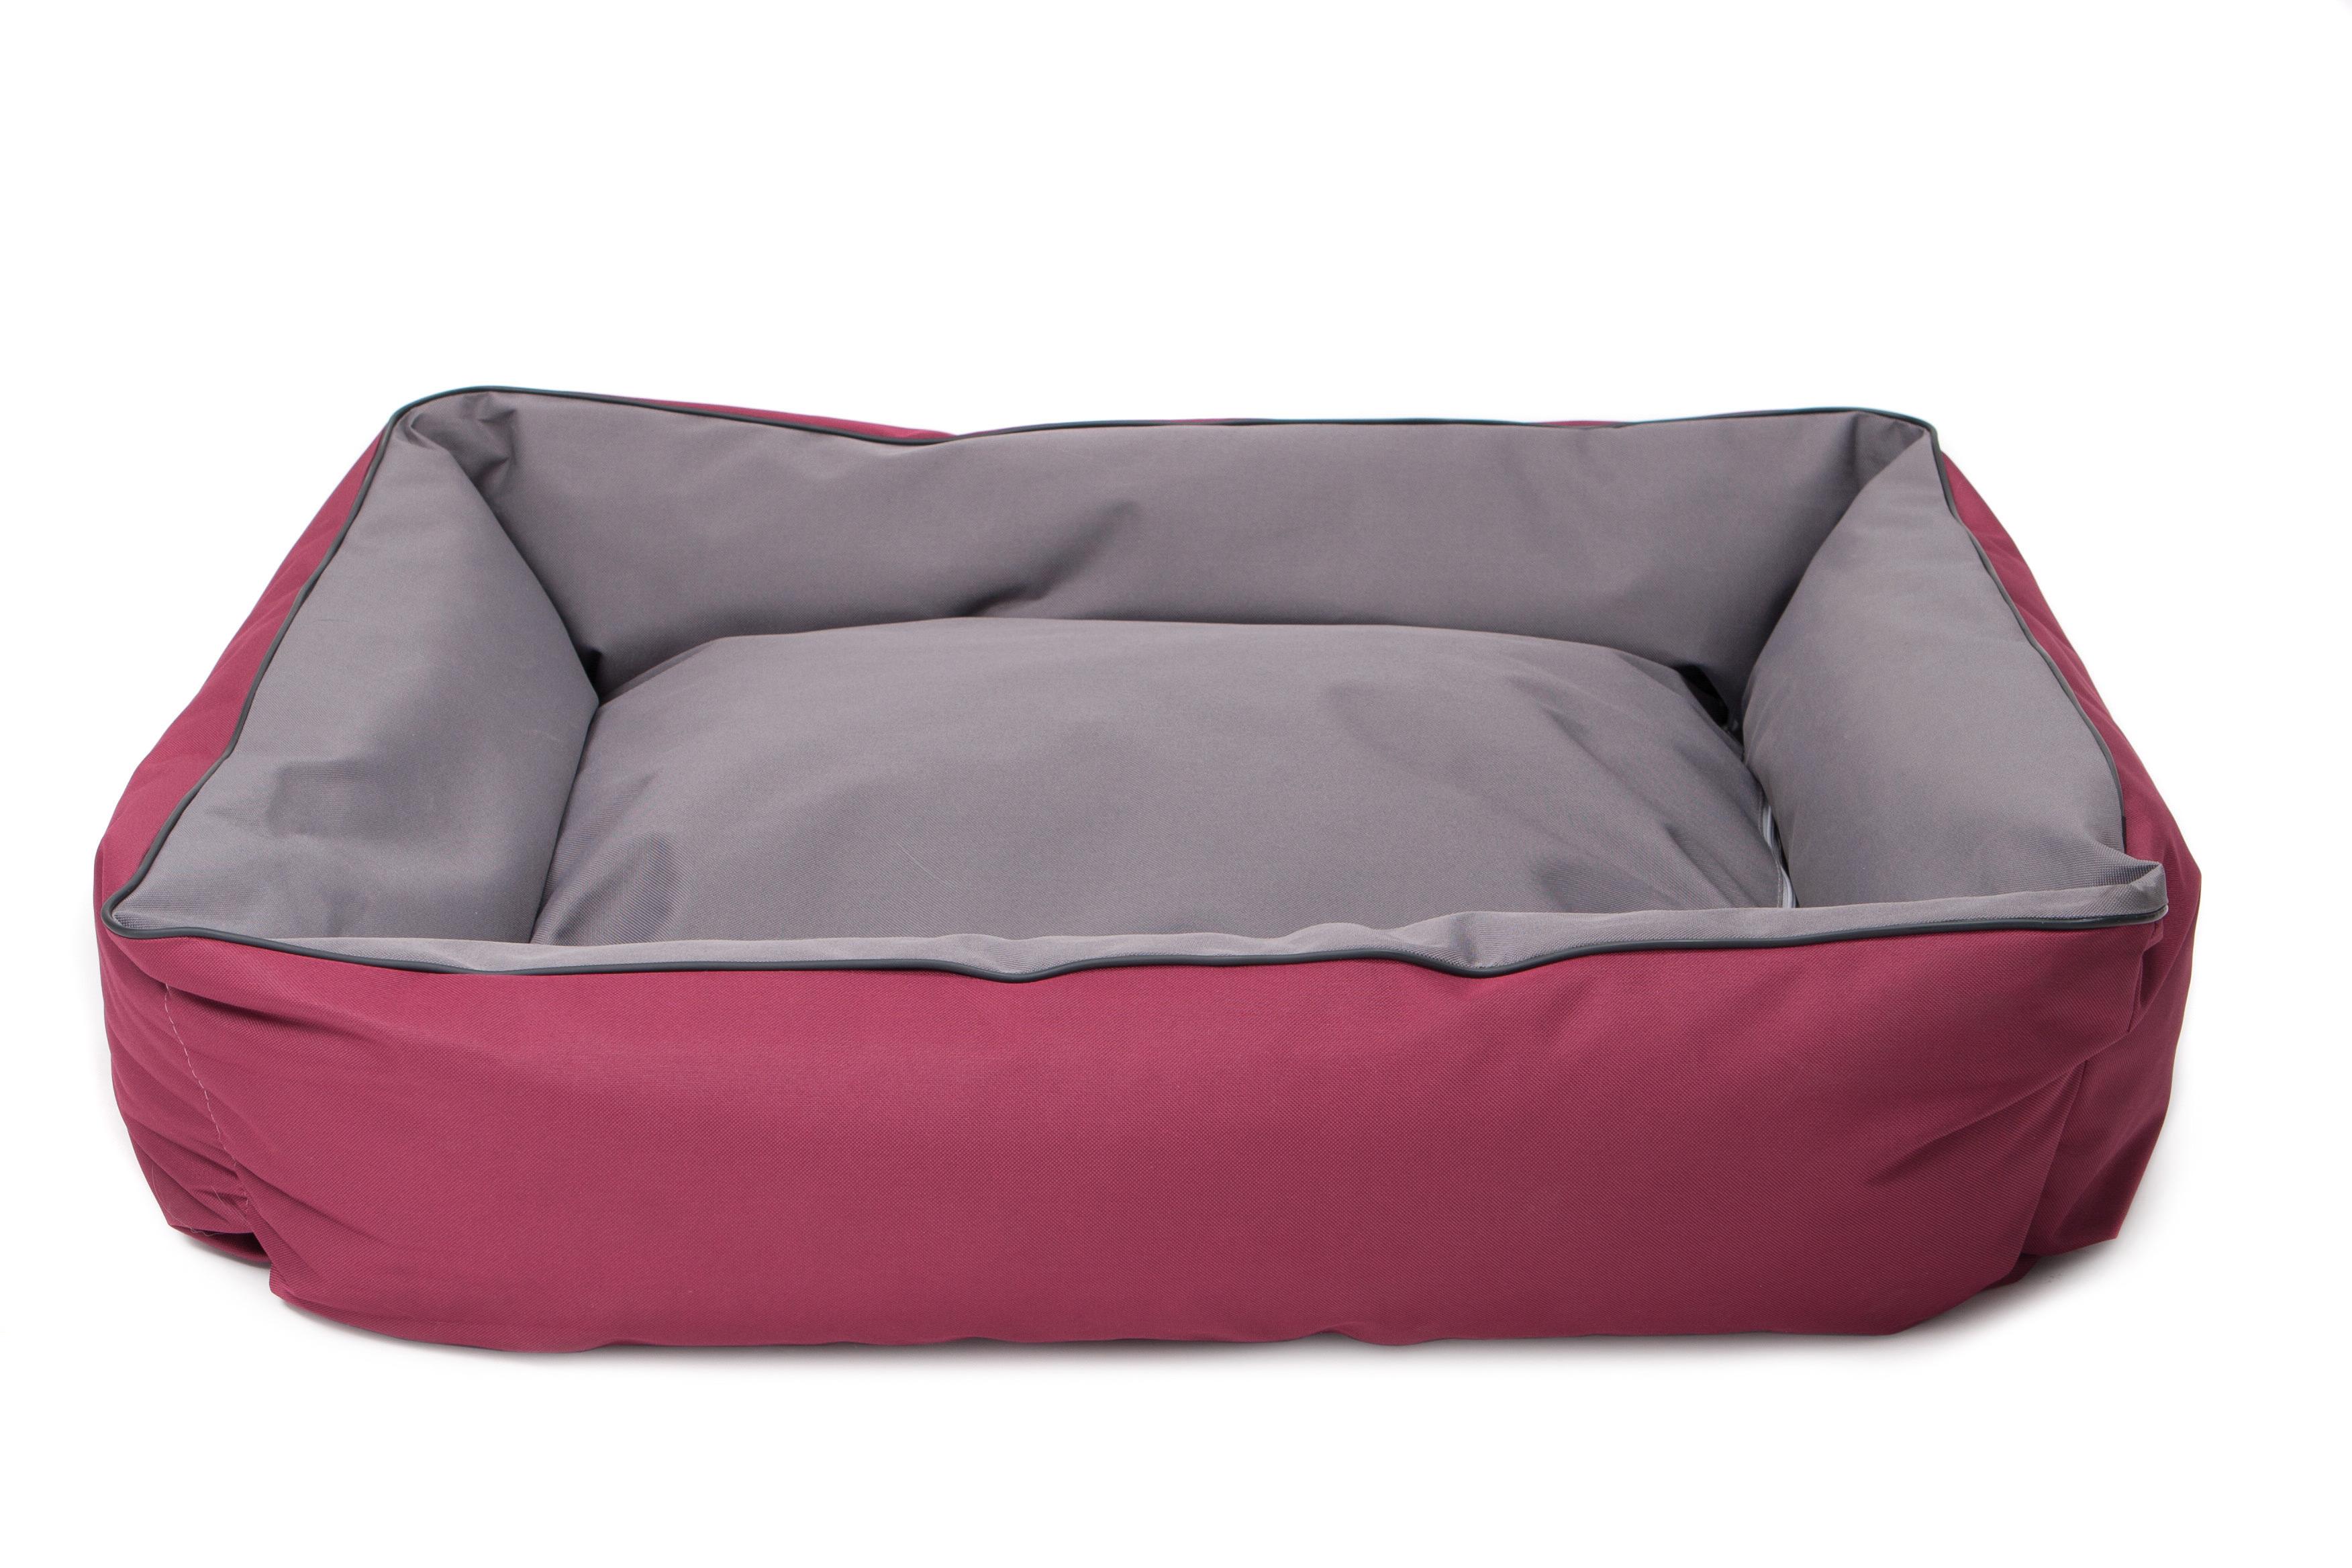 comfy Лежанка COMFYARNOLD DUOсерый /бордовый / (100х85 см) 239412